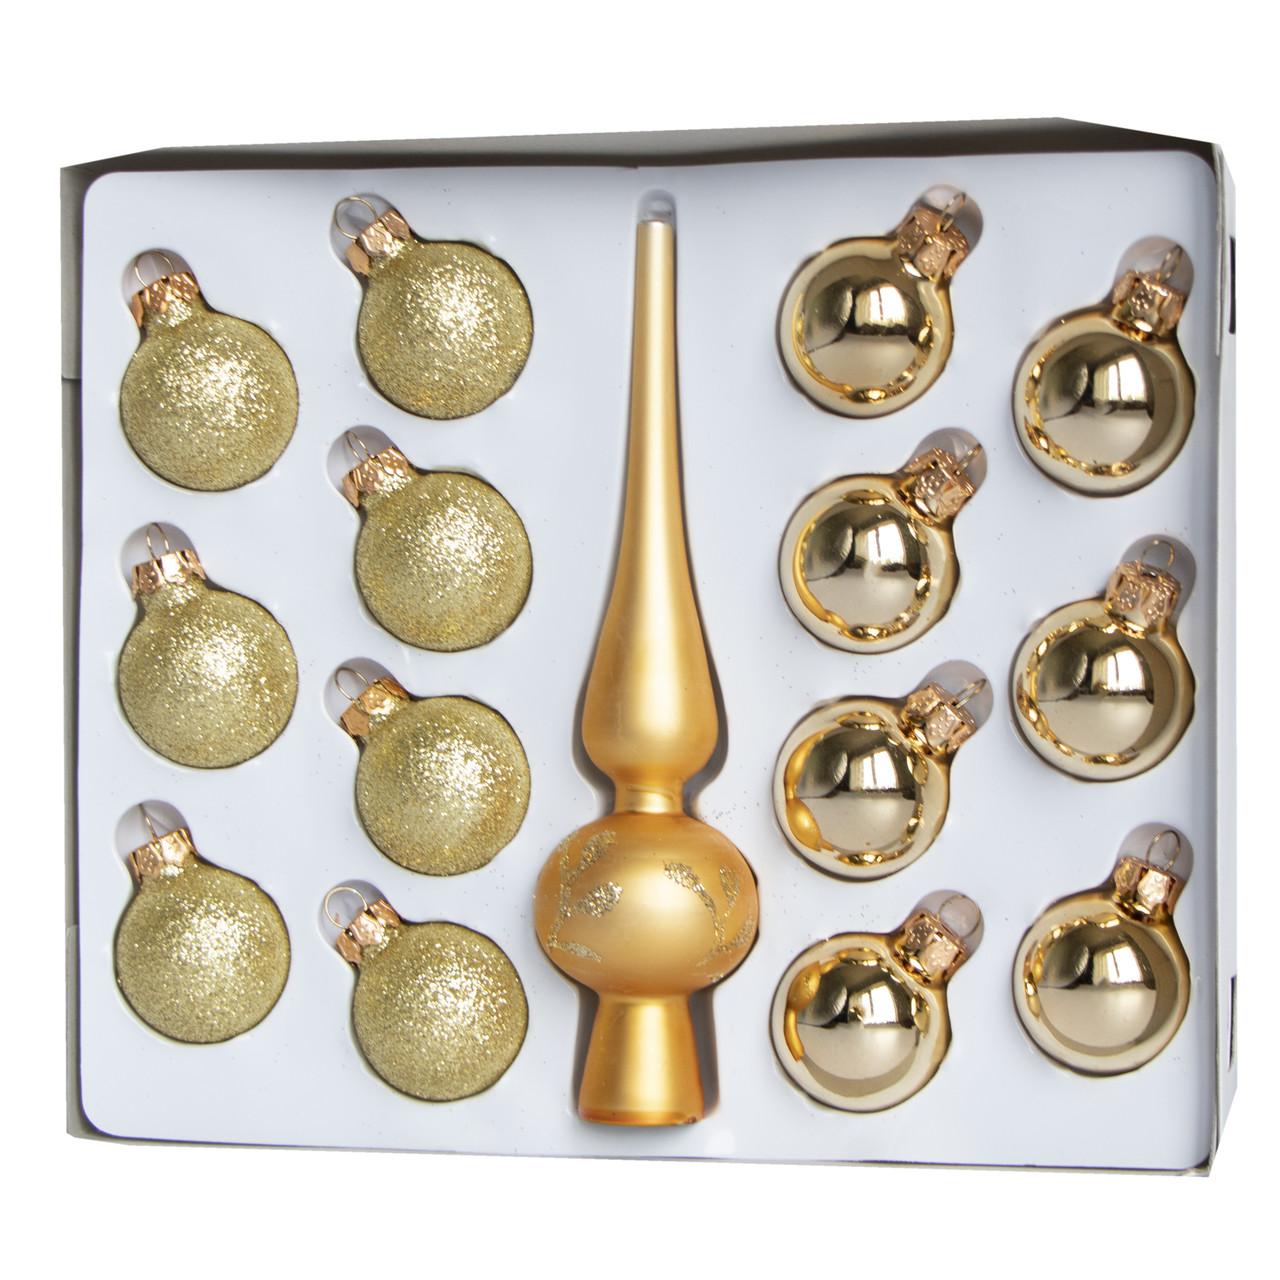 Набор елочных игрушек - мини-шары с верхушкой, 15 шт, D3 см, золотистый, глянец, глиттер, стекло (390748-6)